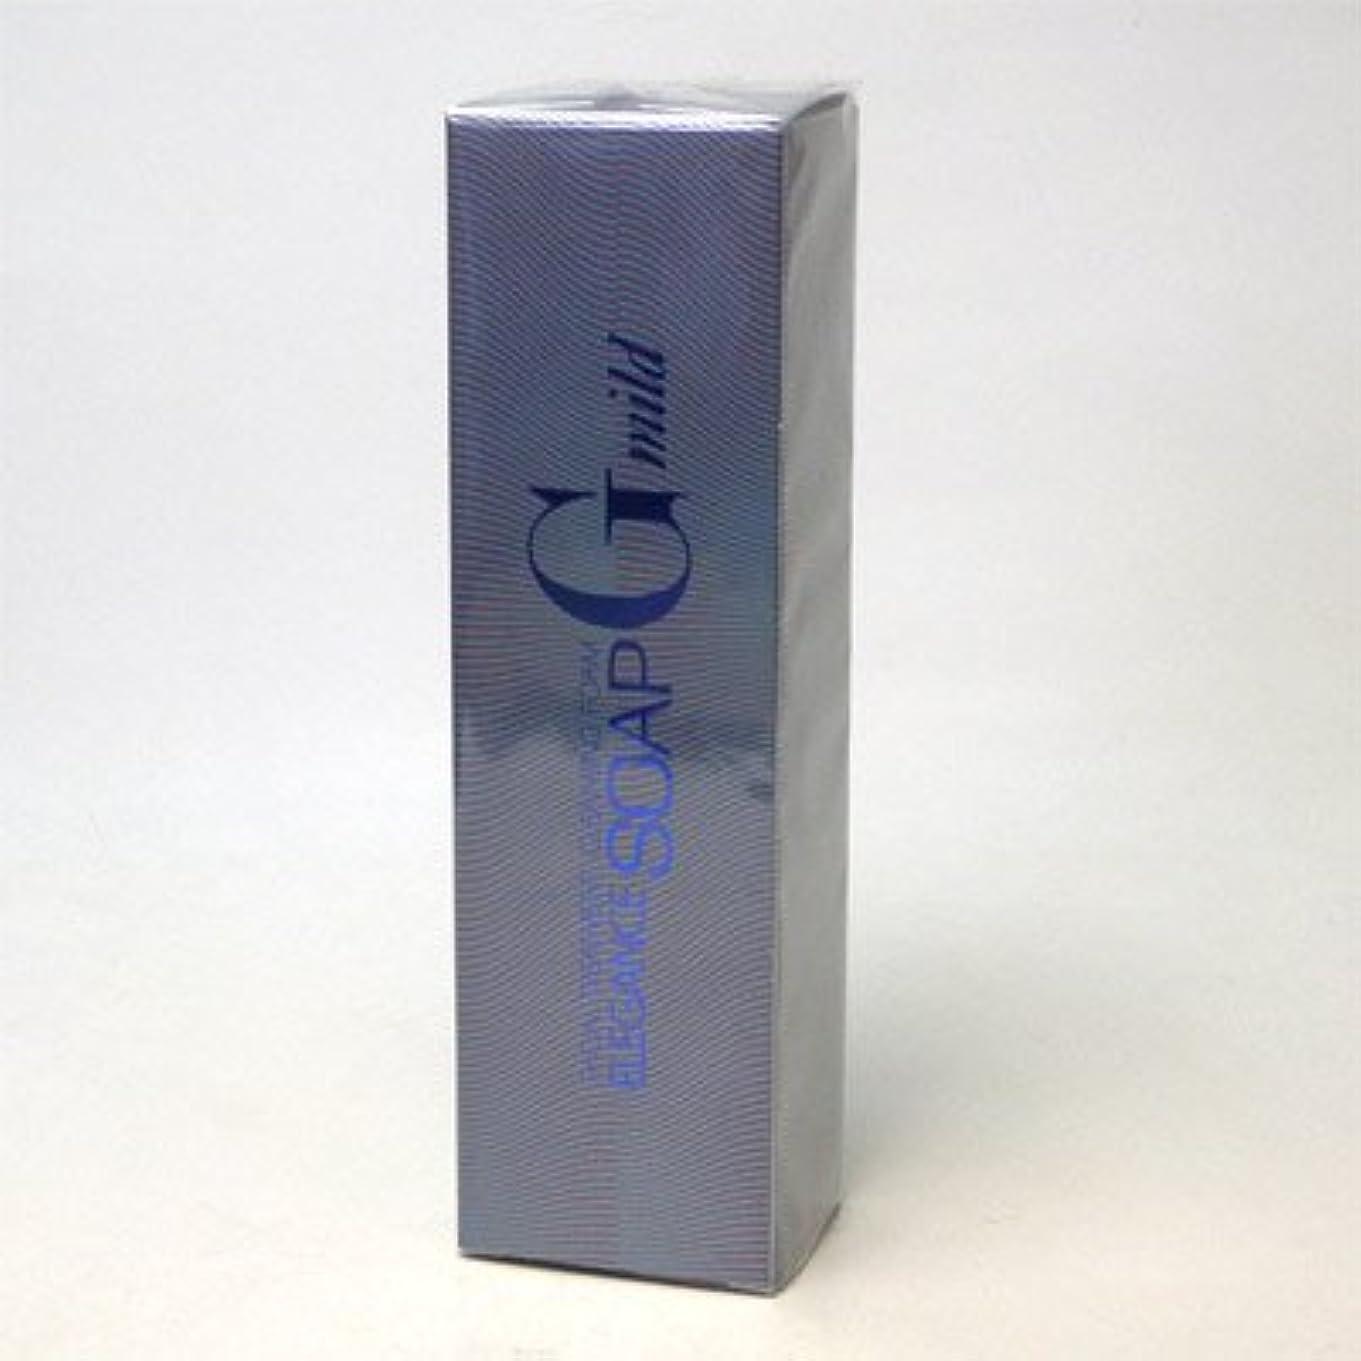 ハード首謀者積極的にジュポン化粧品 エレガンスソープ Gマイルド 120g